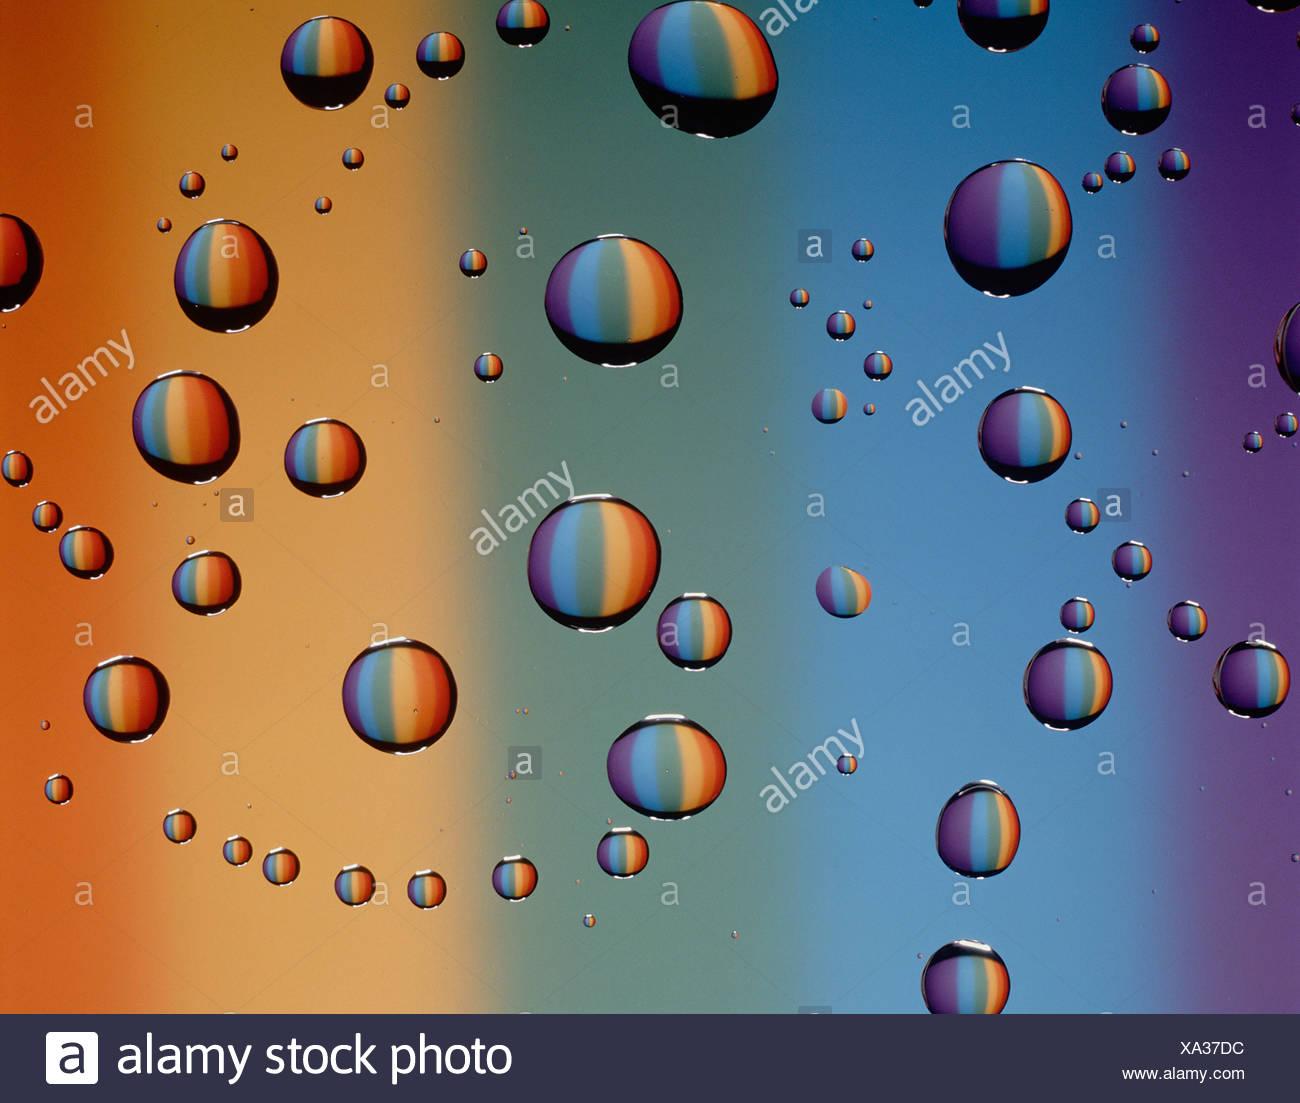 Sigue de cerca la vida de las gotas de agua sobre la superficie del cristal contra el telón de fondo de colores espectrales. Foto de stock